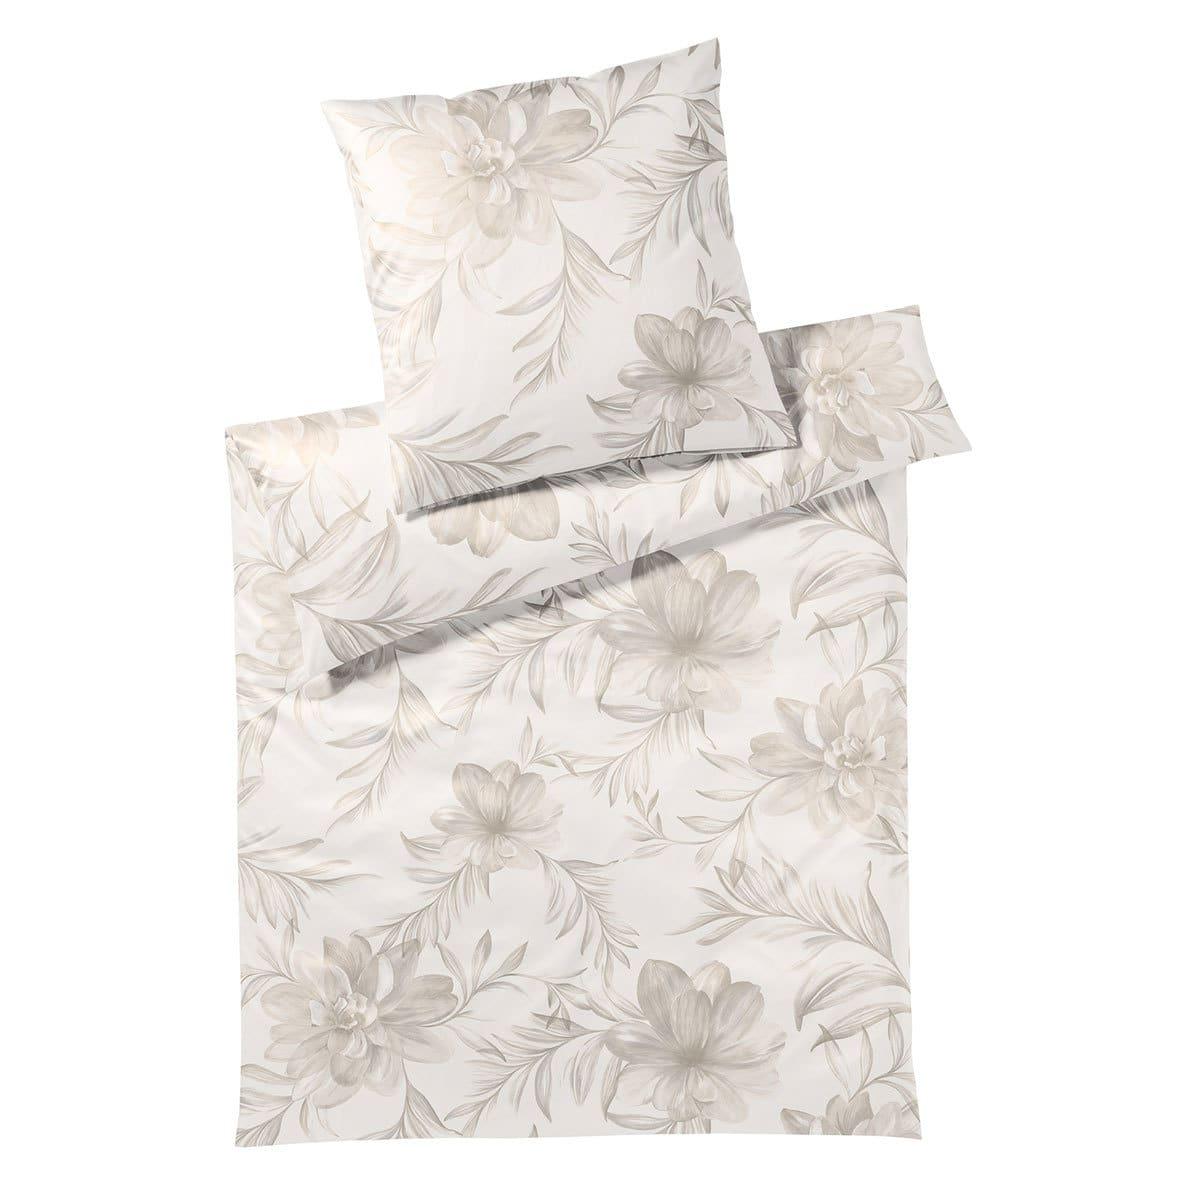 elegante jersey bettw sche blossom champagner g nstig online kaufen bei bettwaren shop. Black Bedroom Furniture Sets. Home Design Ideas